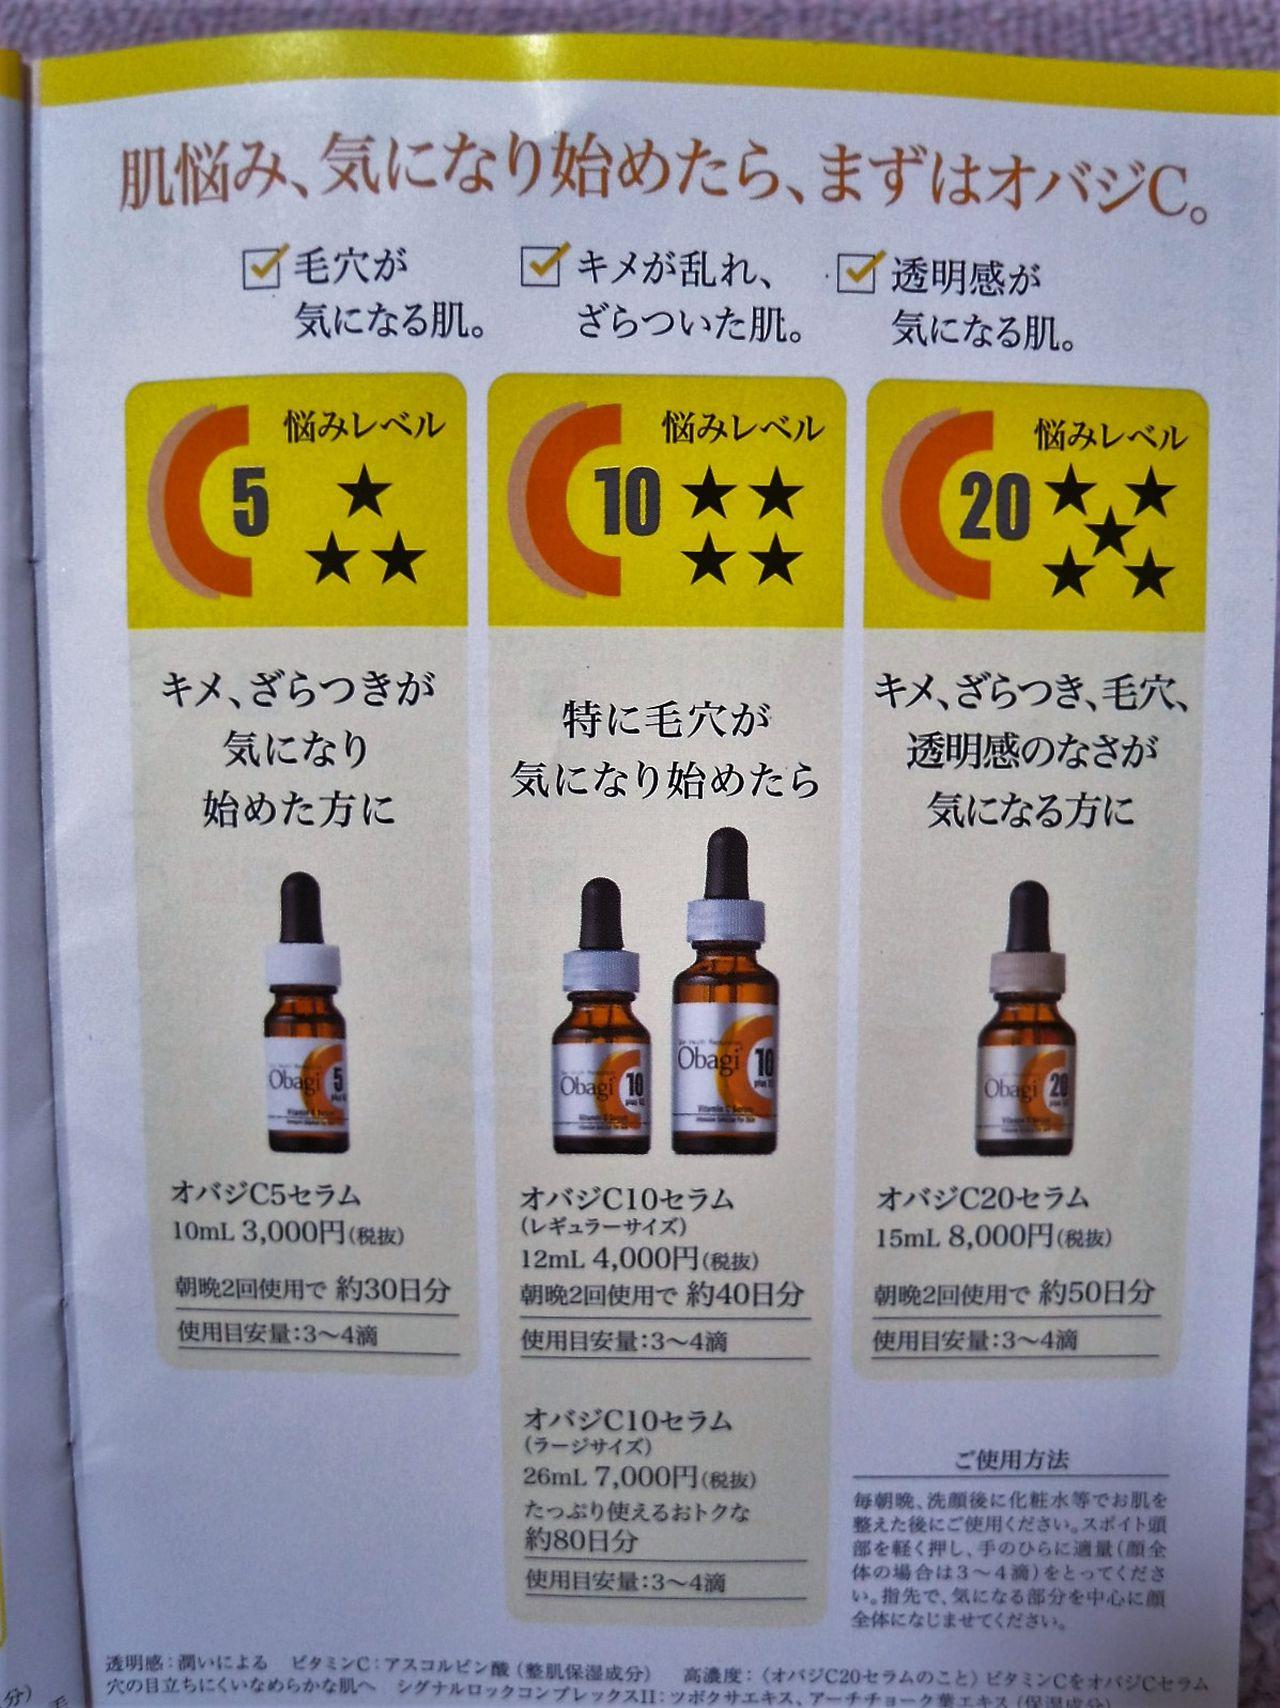 オバジCセラムの商品シリーズ紹介